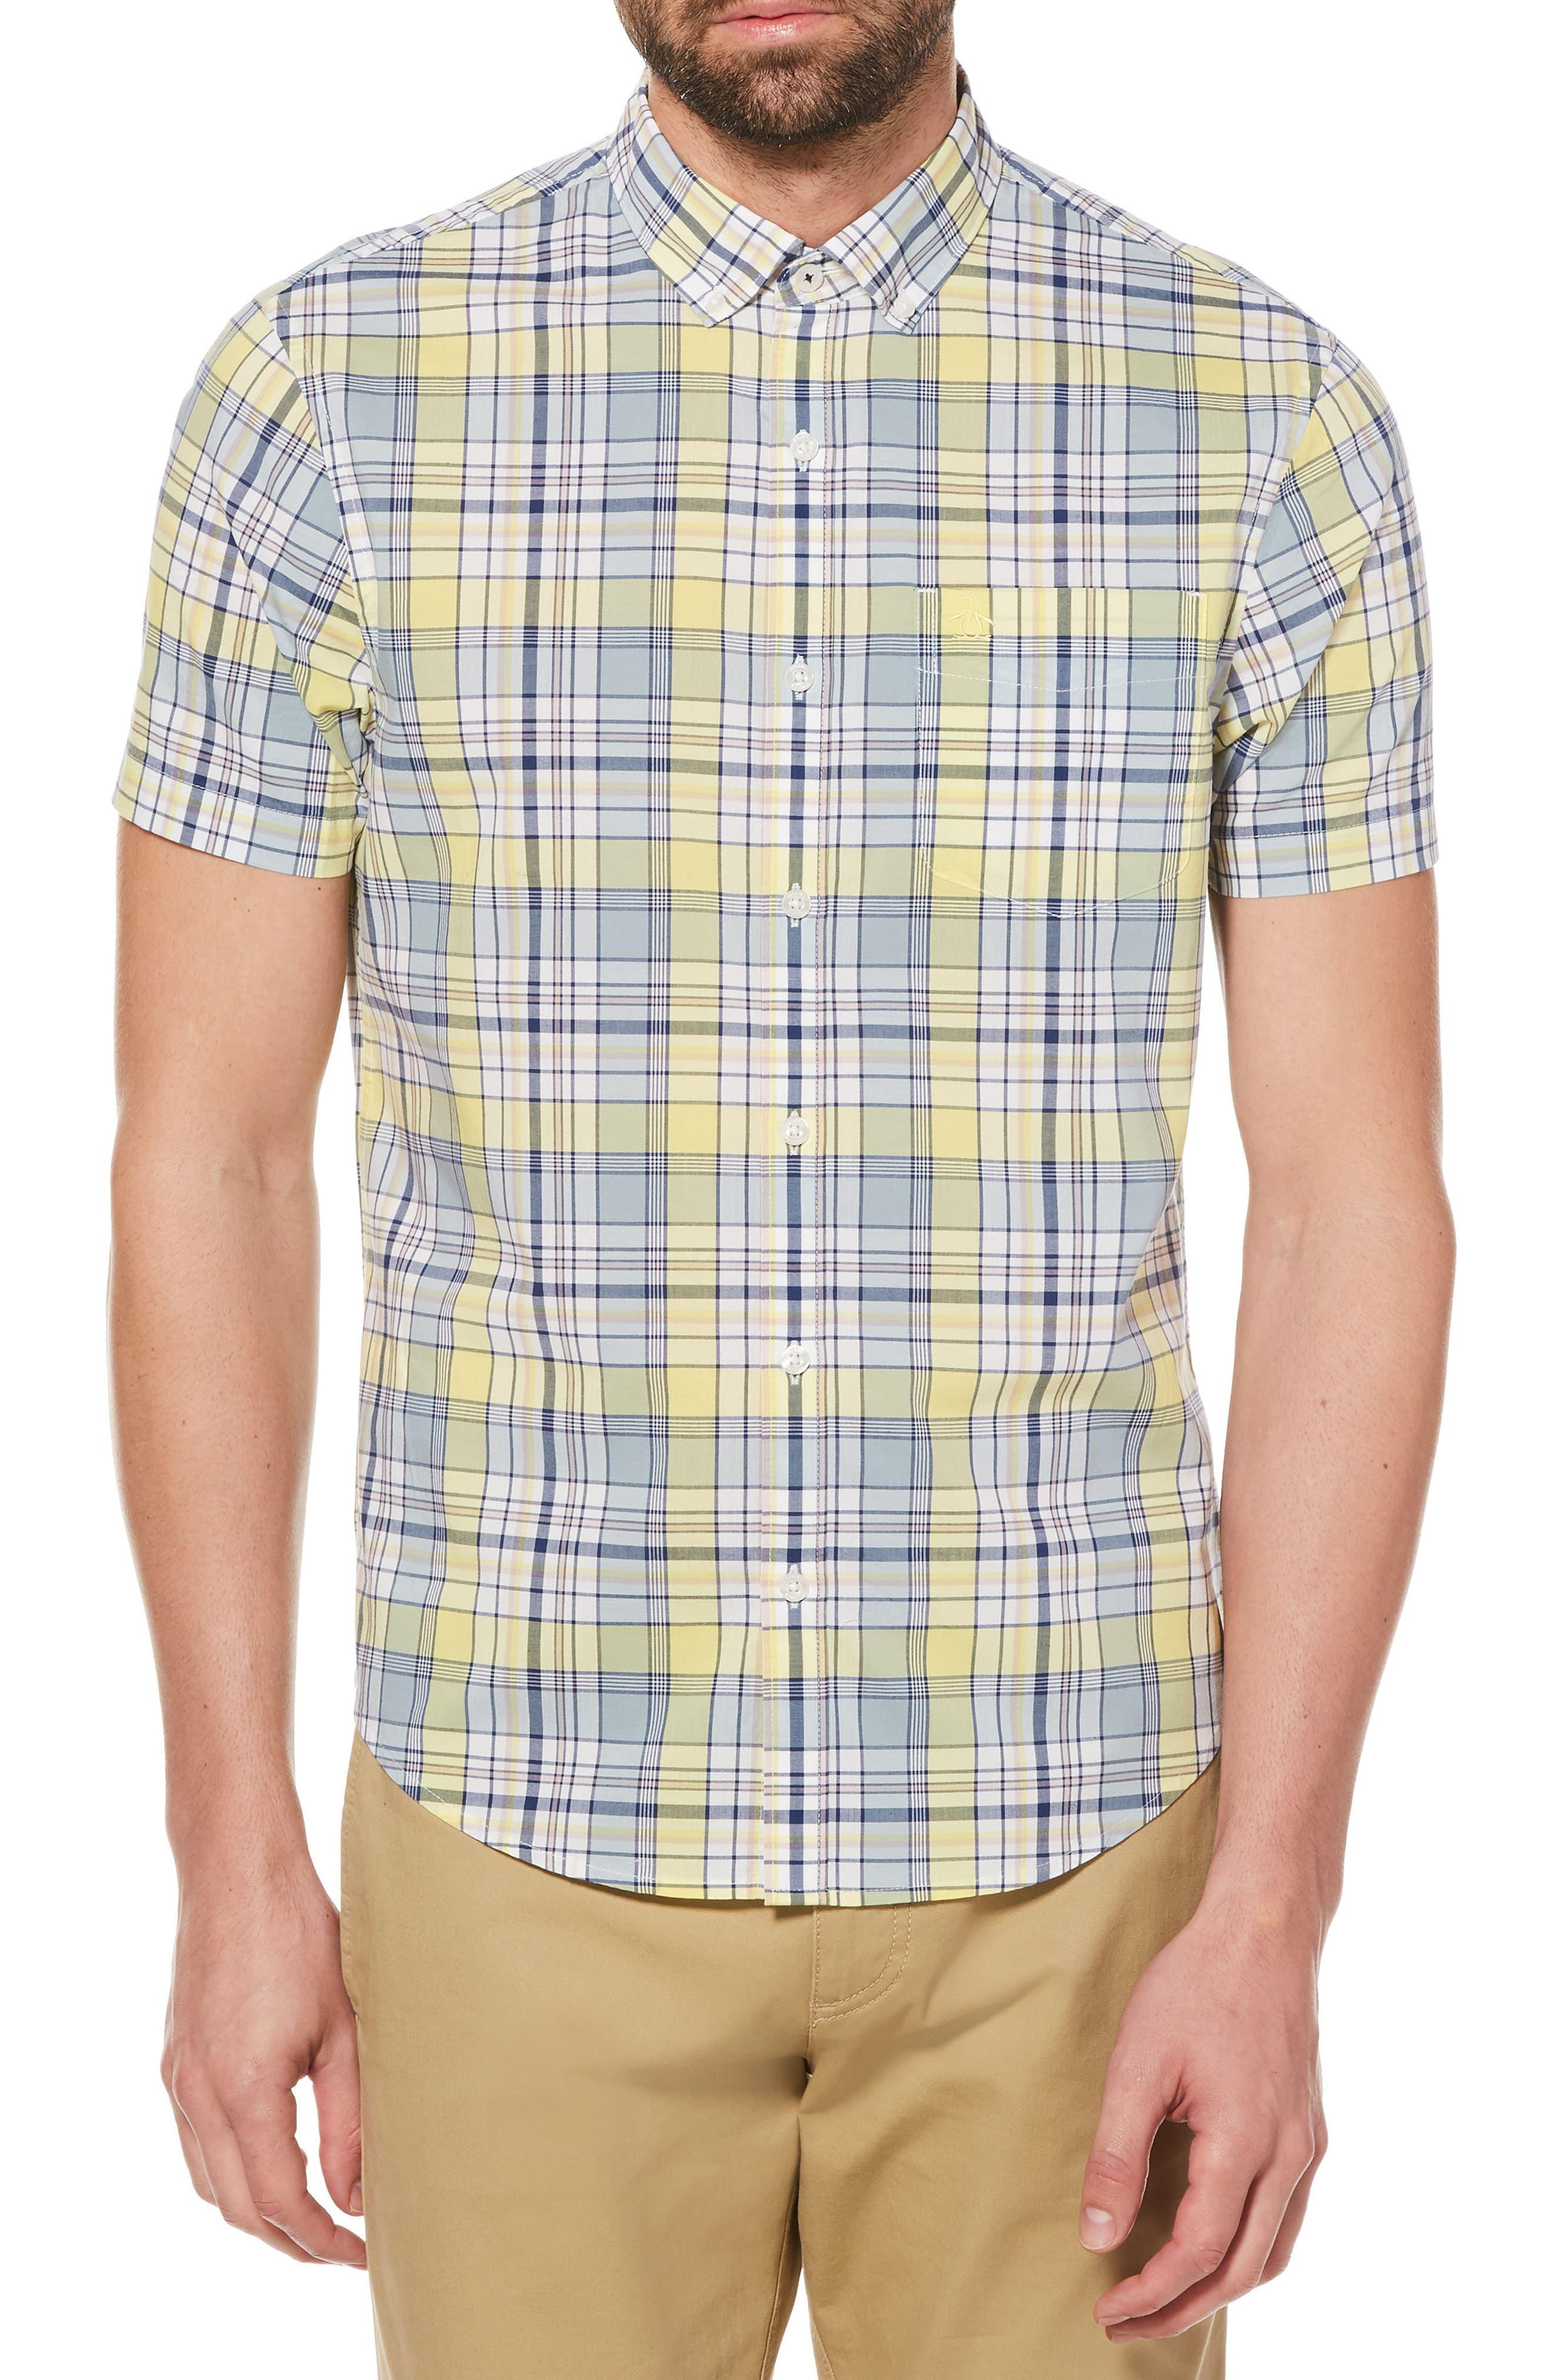 P55 Woven Shirt,                             Main thumbnail 1, color,                             751